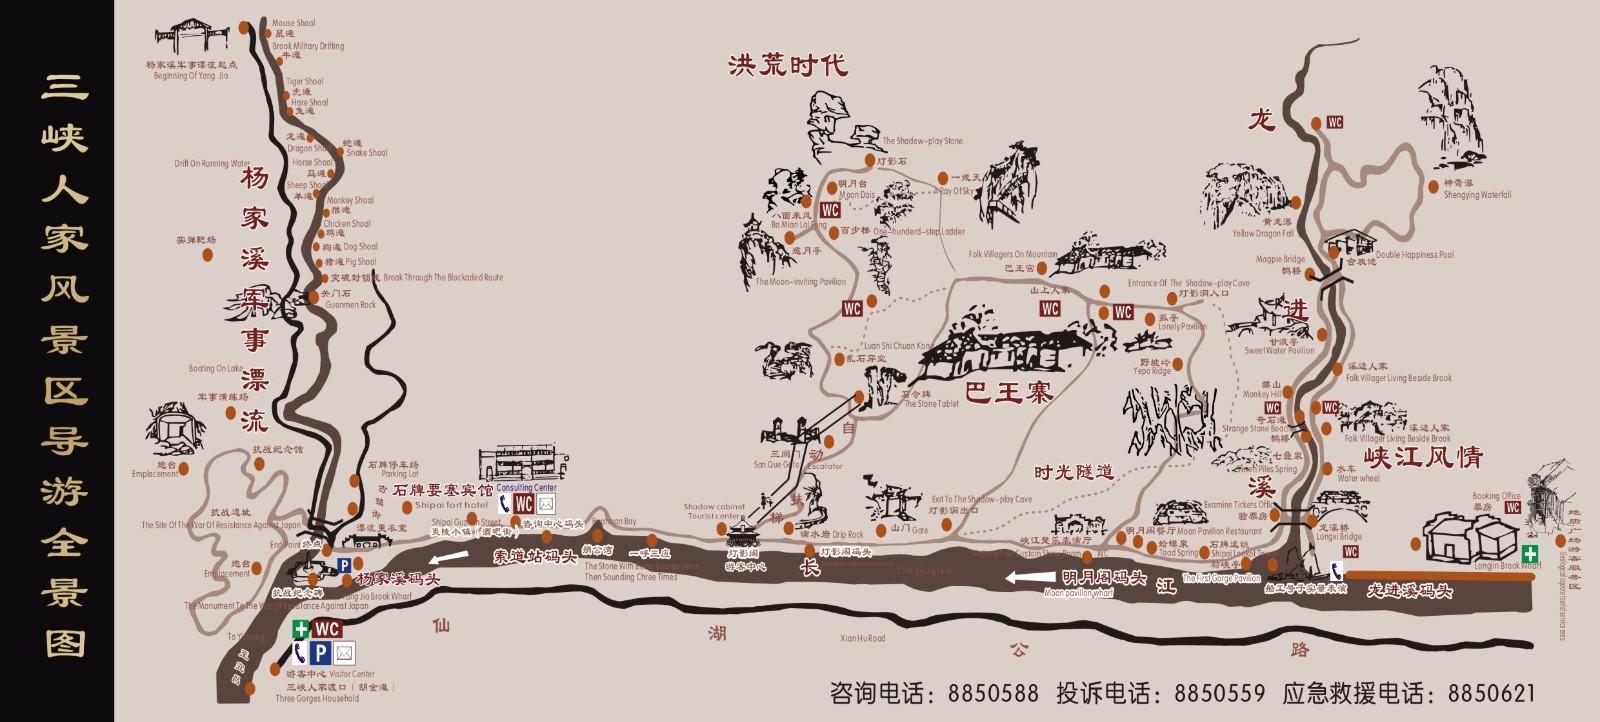 三峡人家景区导览图 @三峡人家景区官网